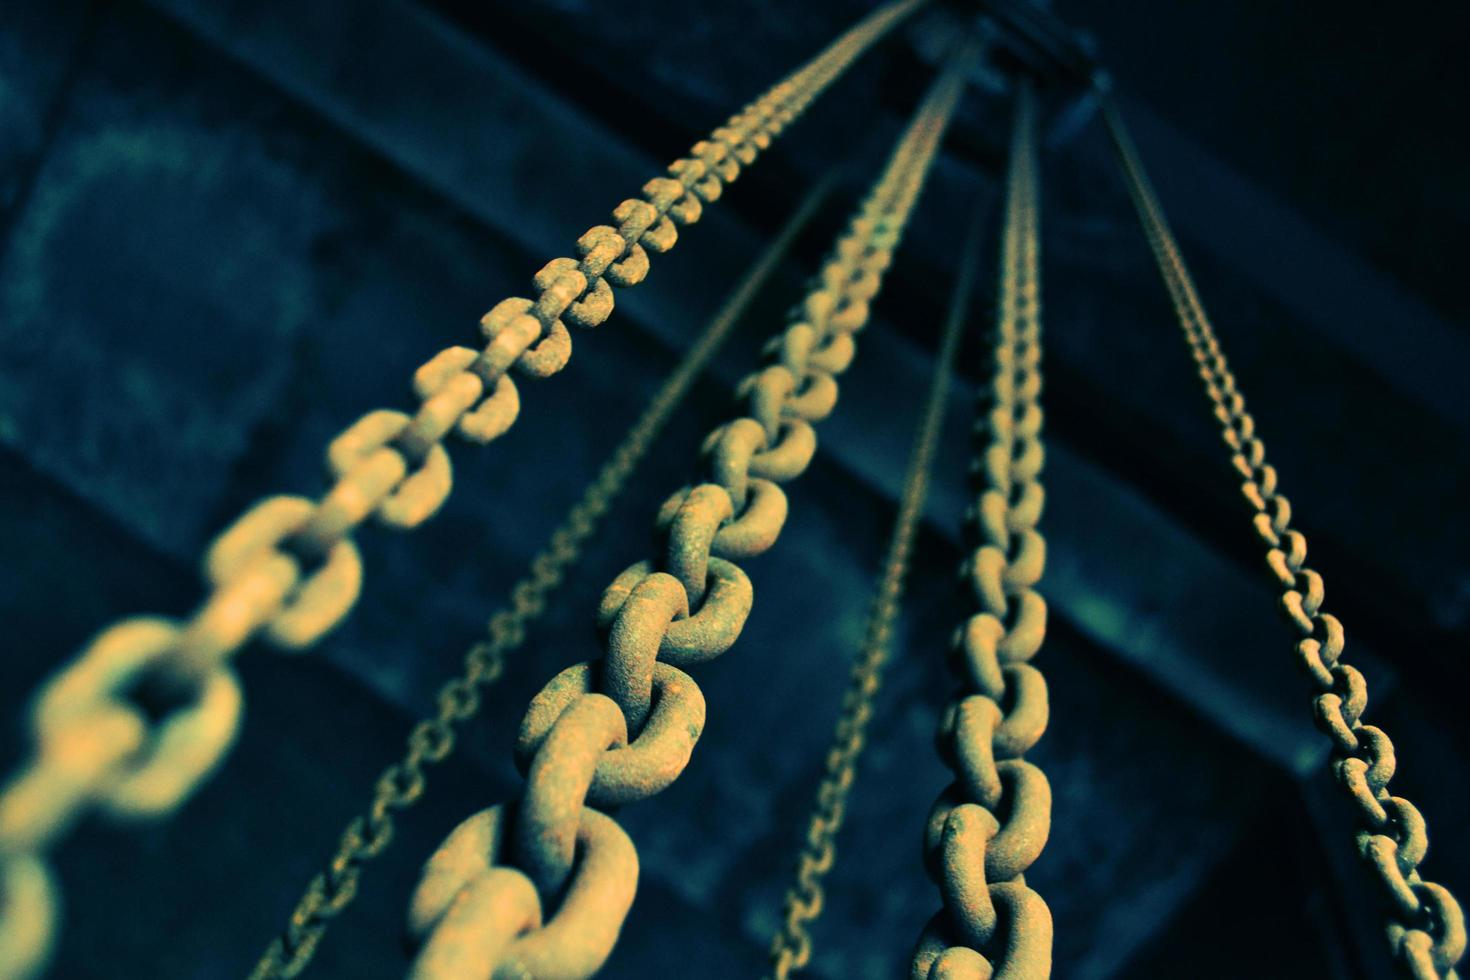 faible angle des chaînes métalliques photo